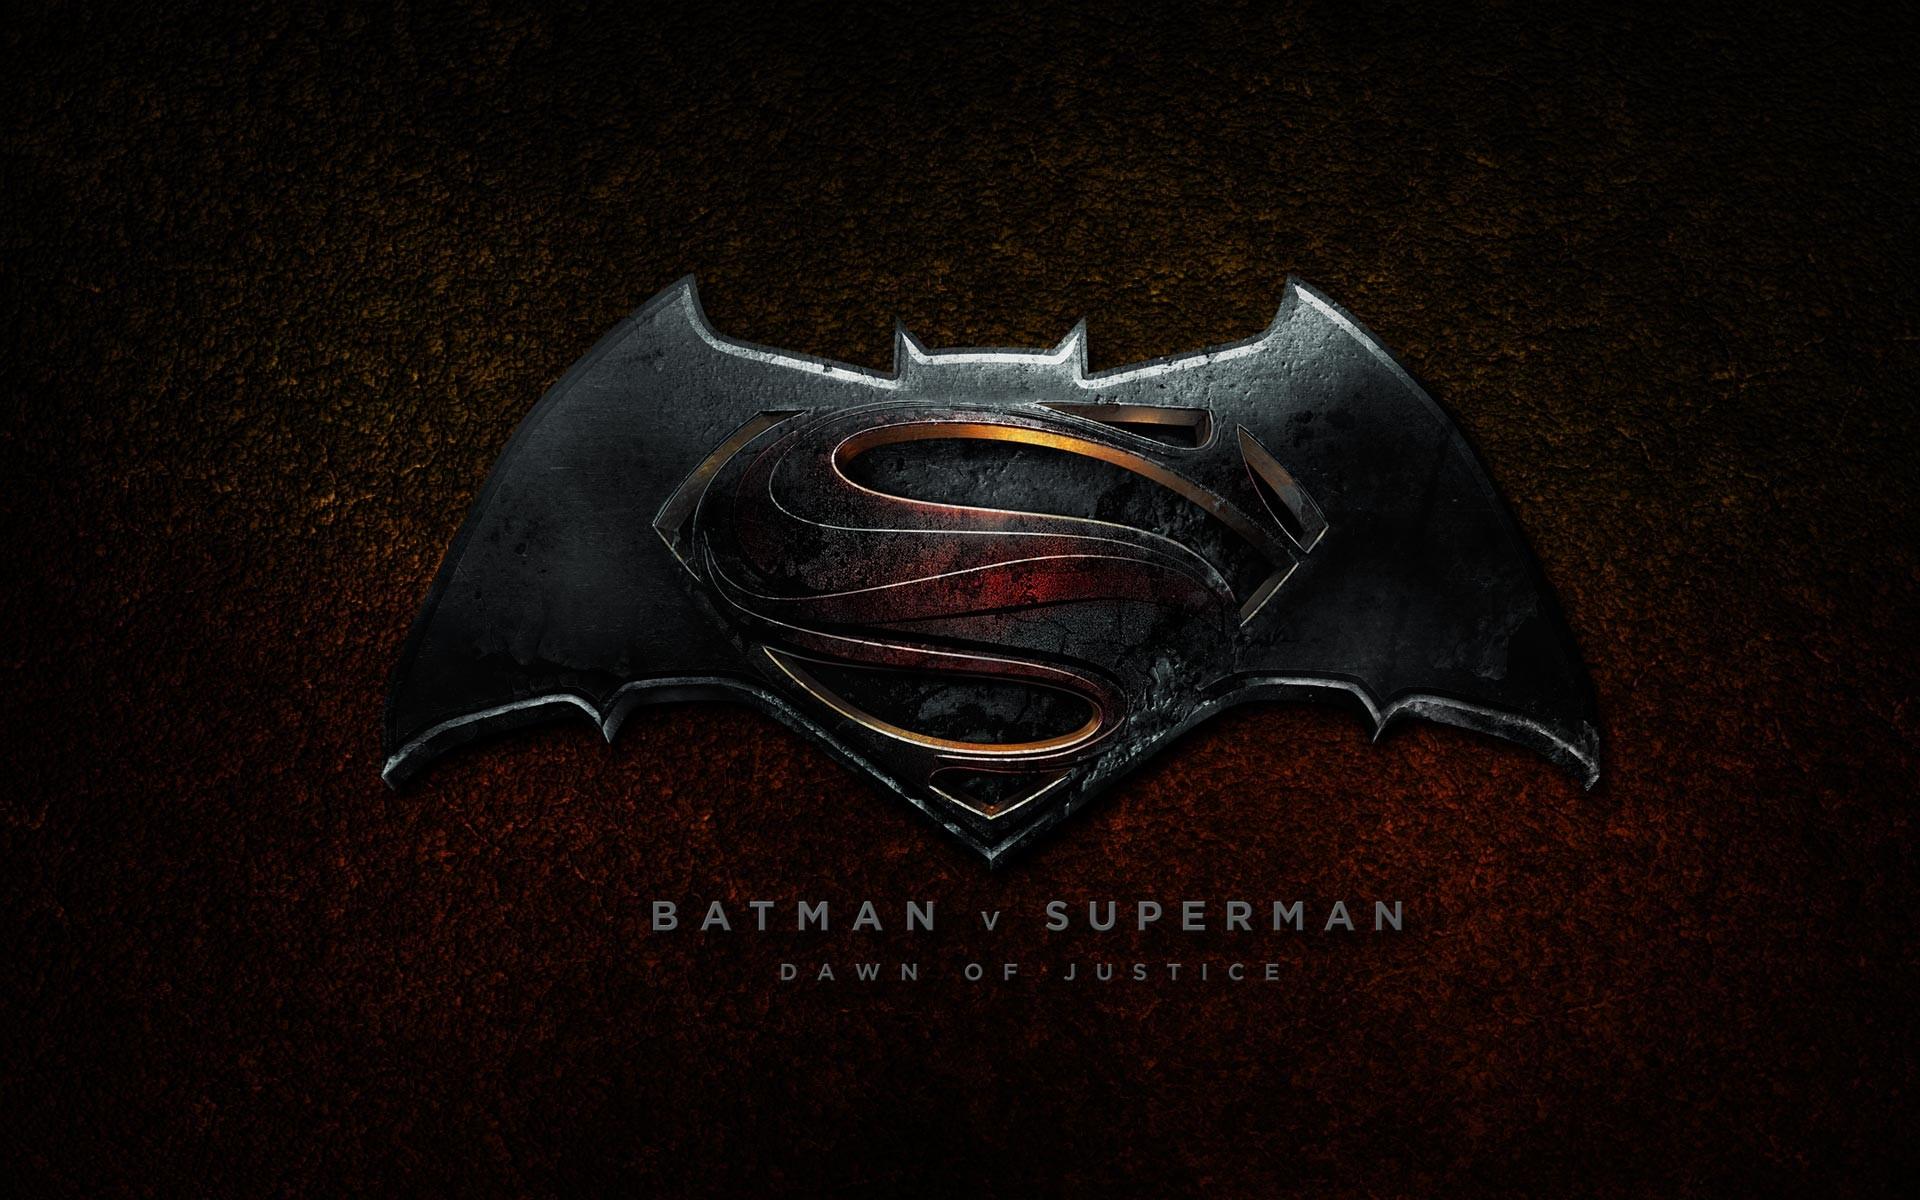 Batman vs Superman: Dawn of Justice 2016 Logo Wallpaper HD